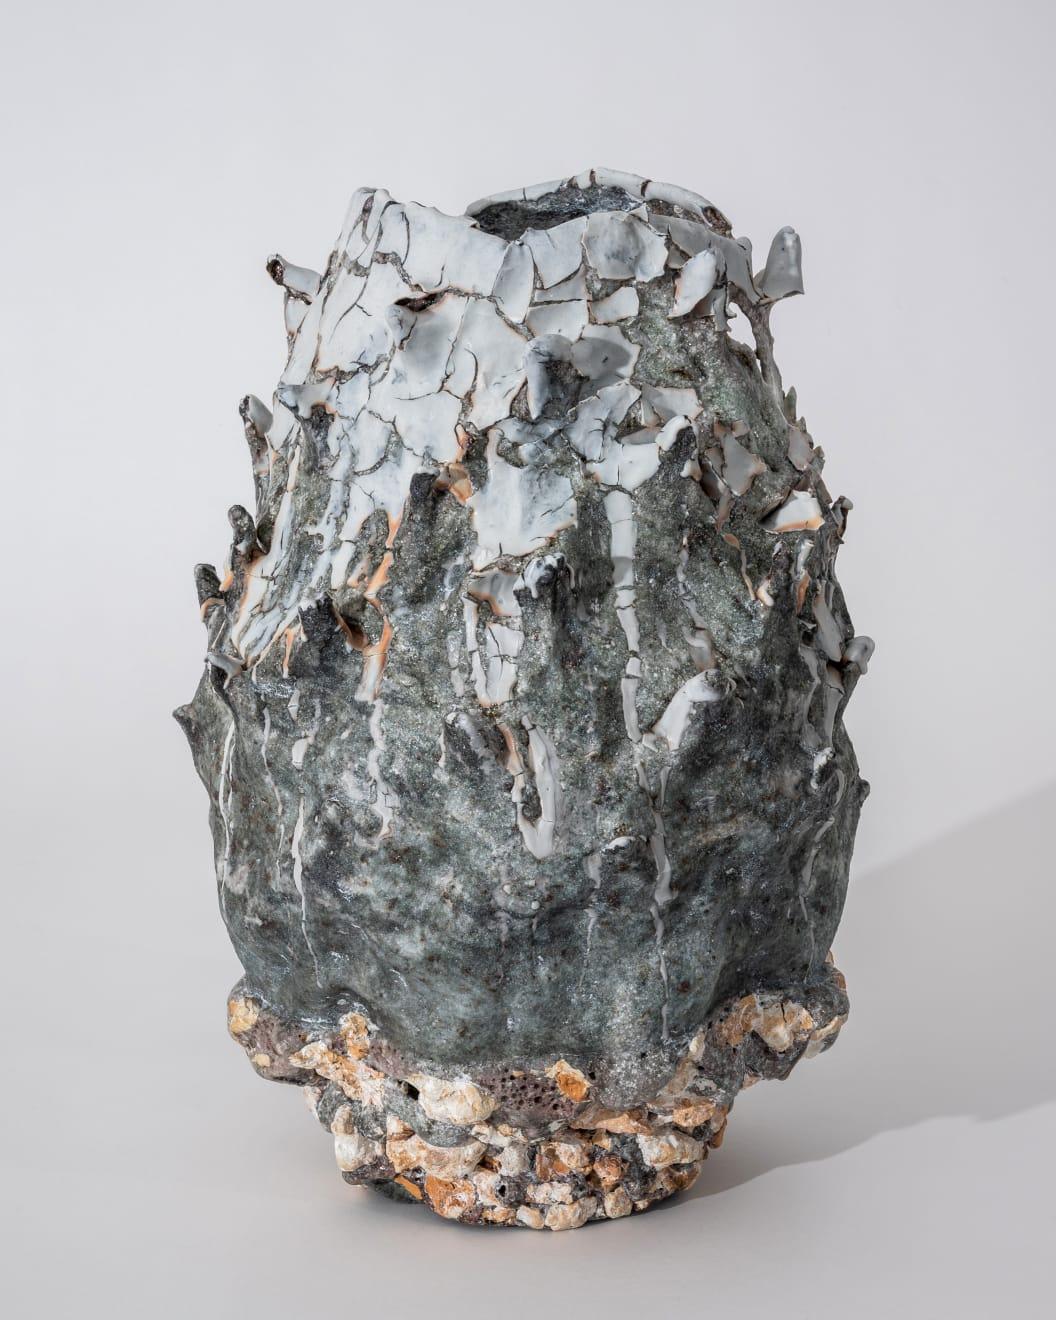 Masaomi Yasunaga, 抜け殻の樹 / shedding bark, 2020